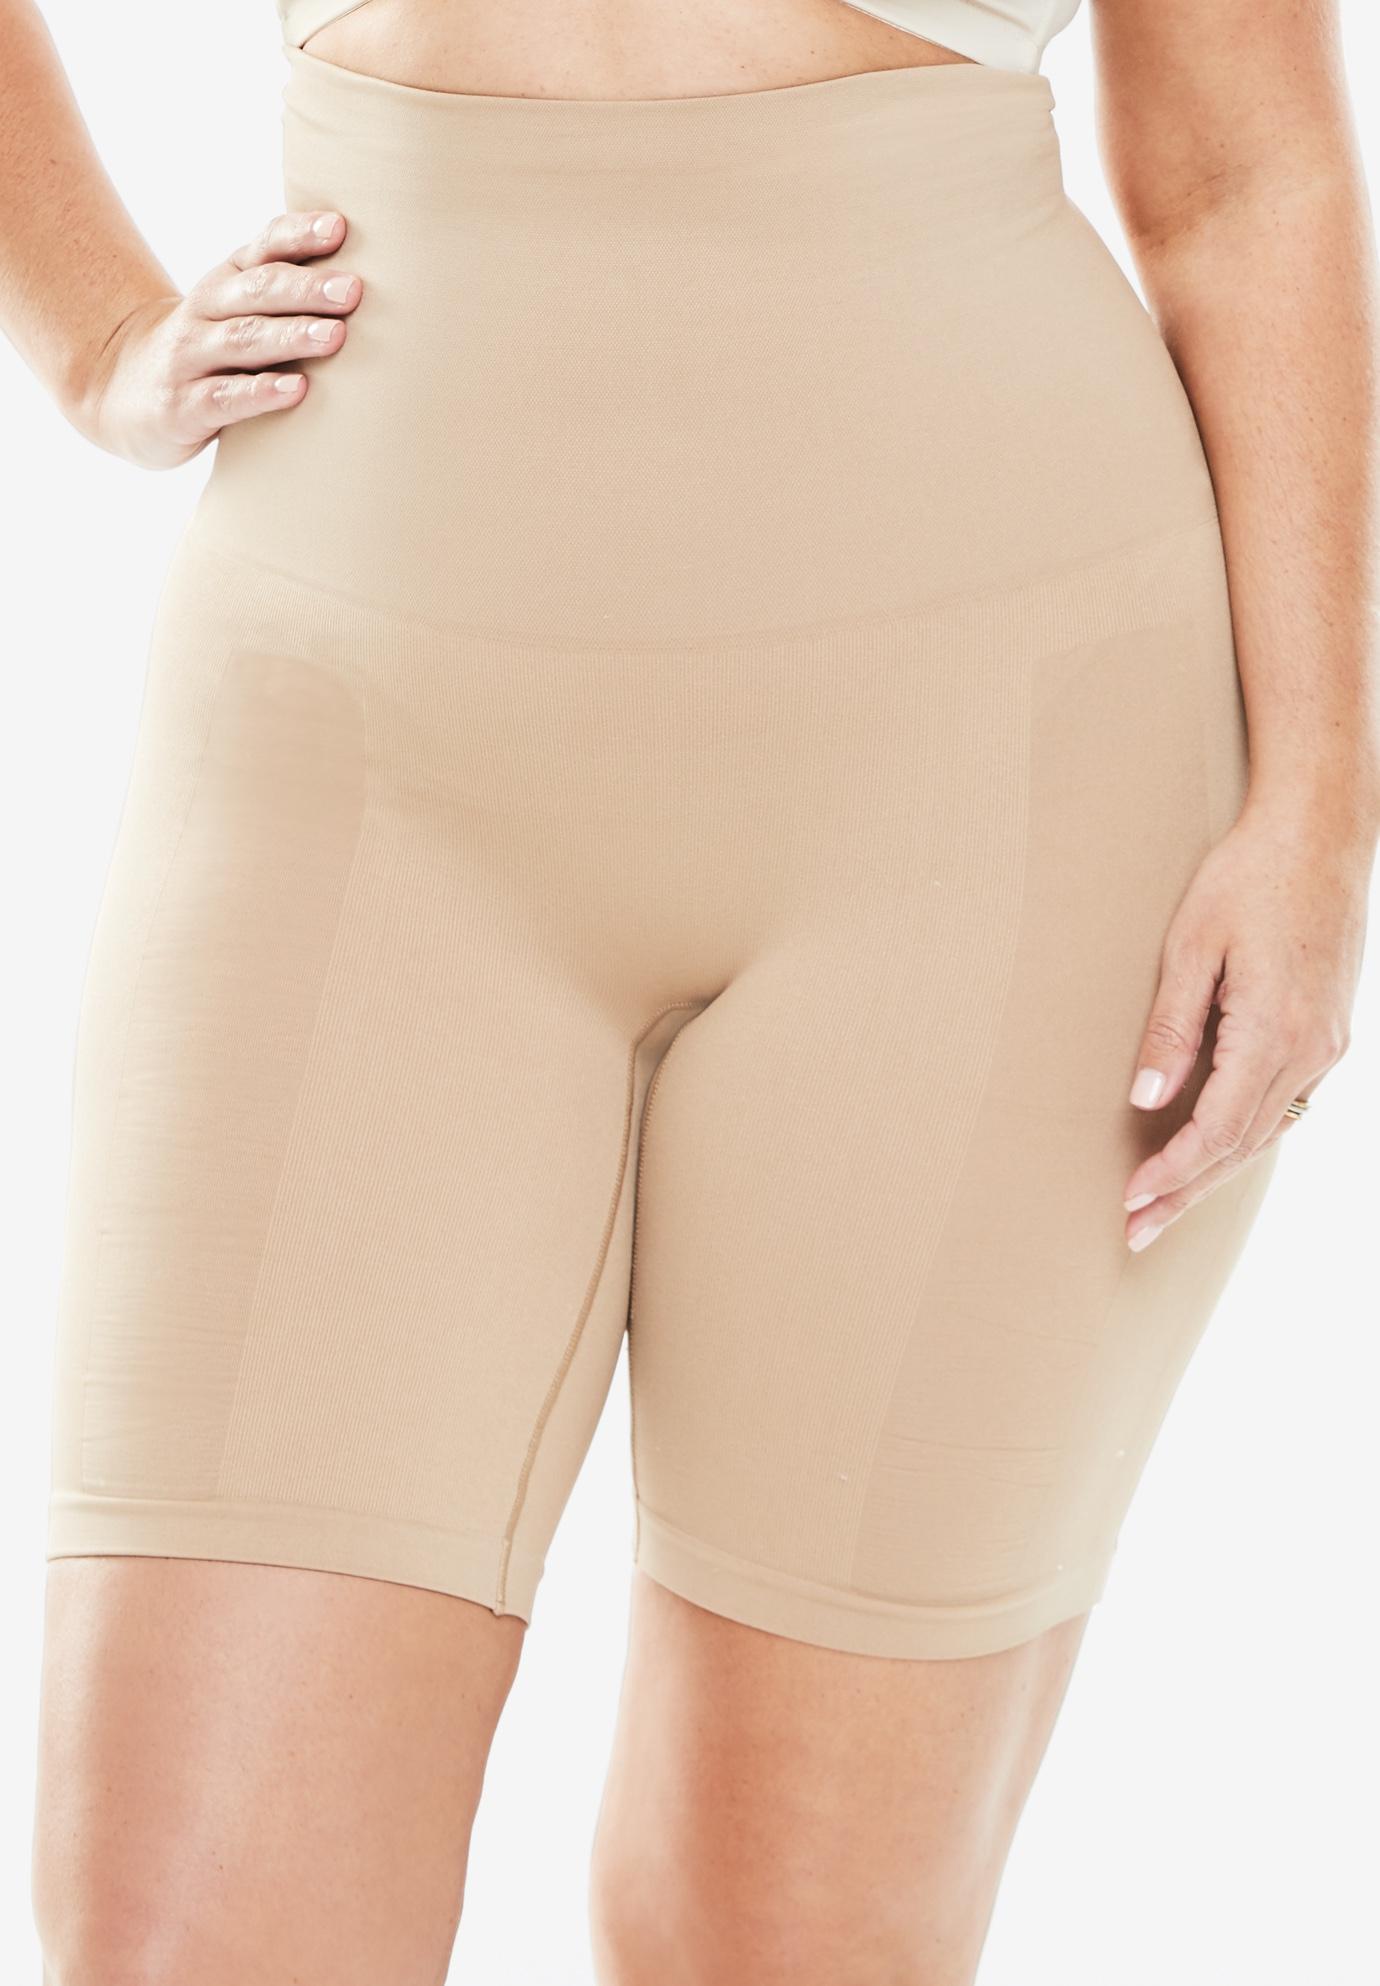 c030813279 Seamless Long-Leg Shaper by Secret Solutions® Curvewear